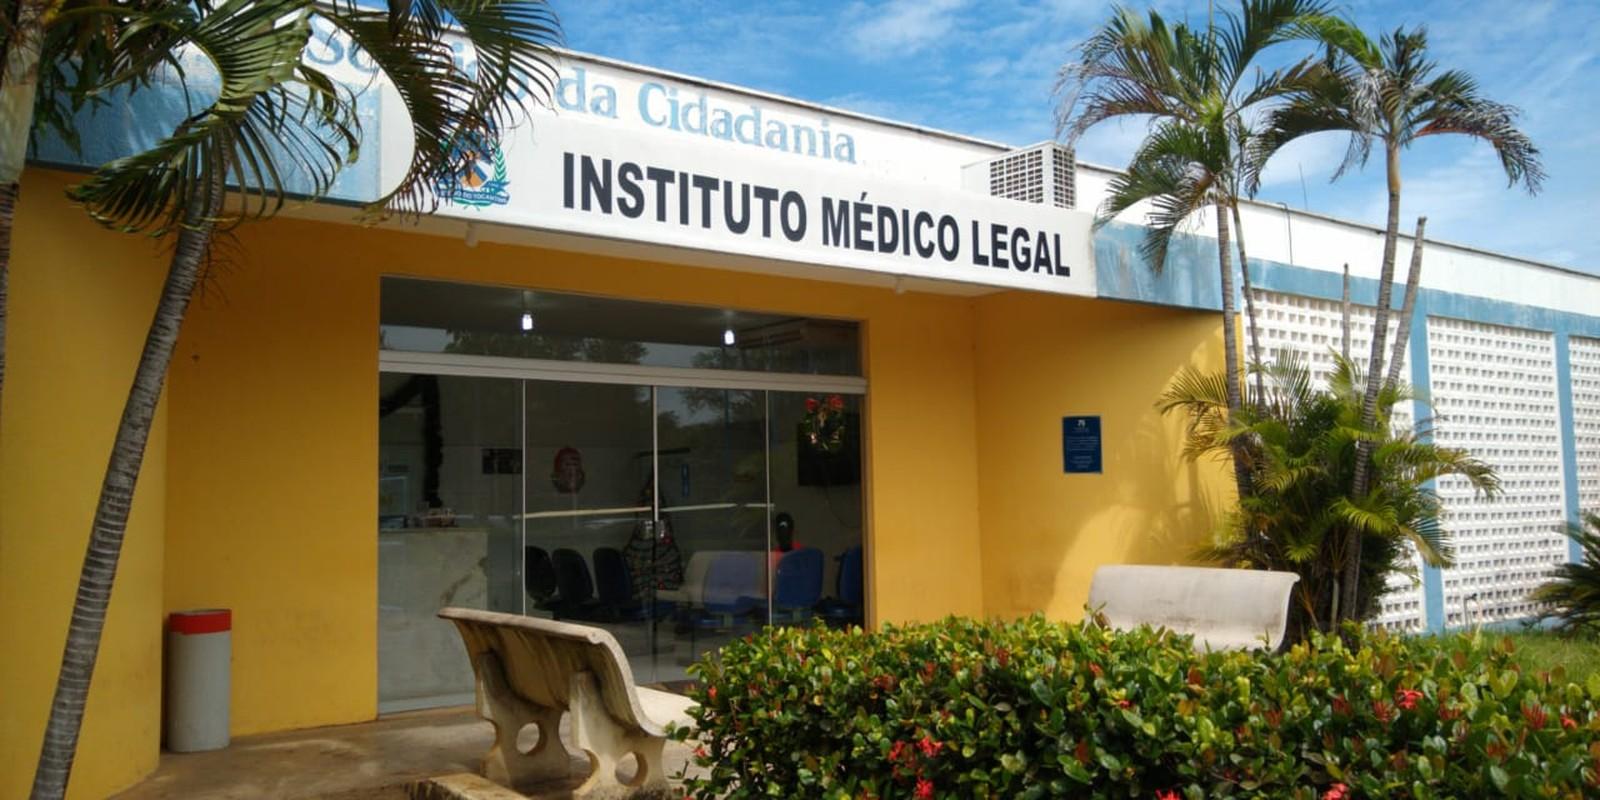 Quatro homens morrem durante perseguição após roubo de carro em Palmas